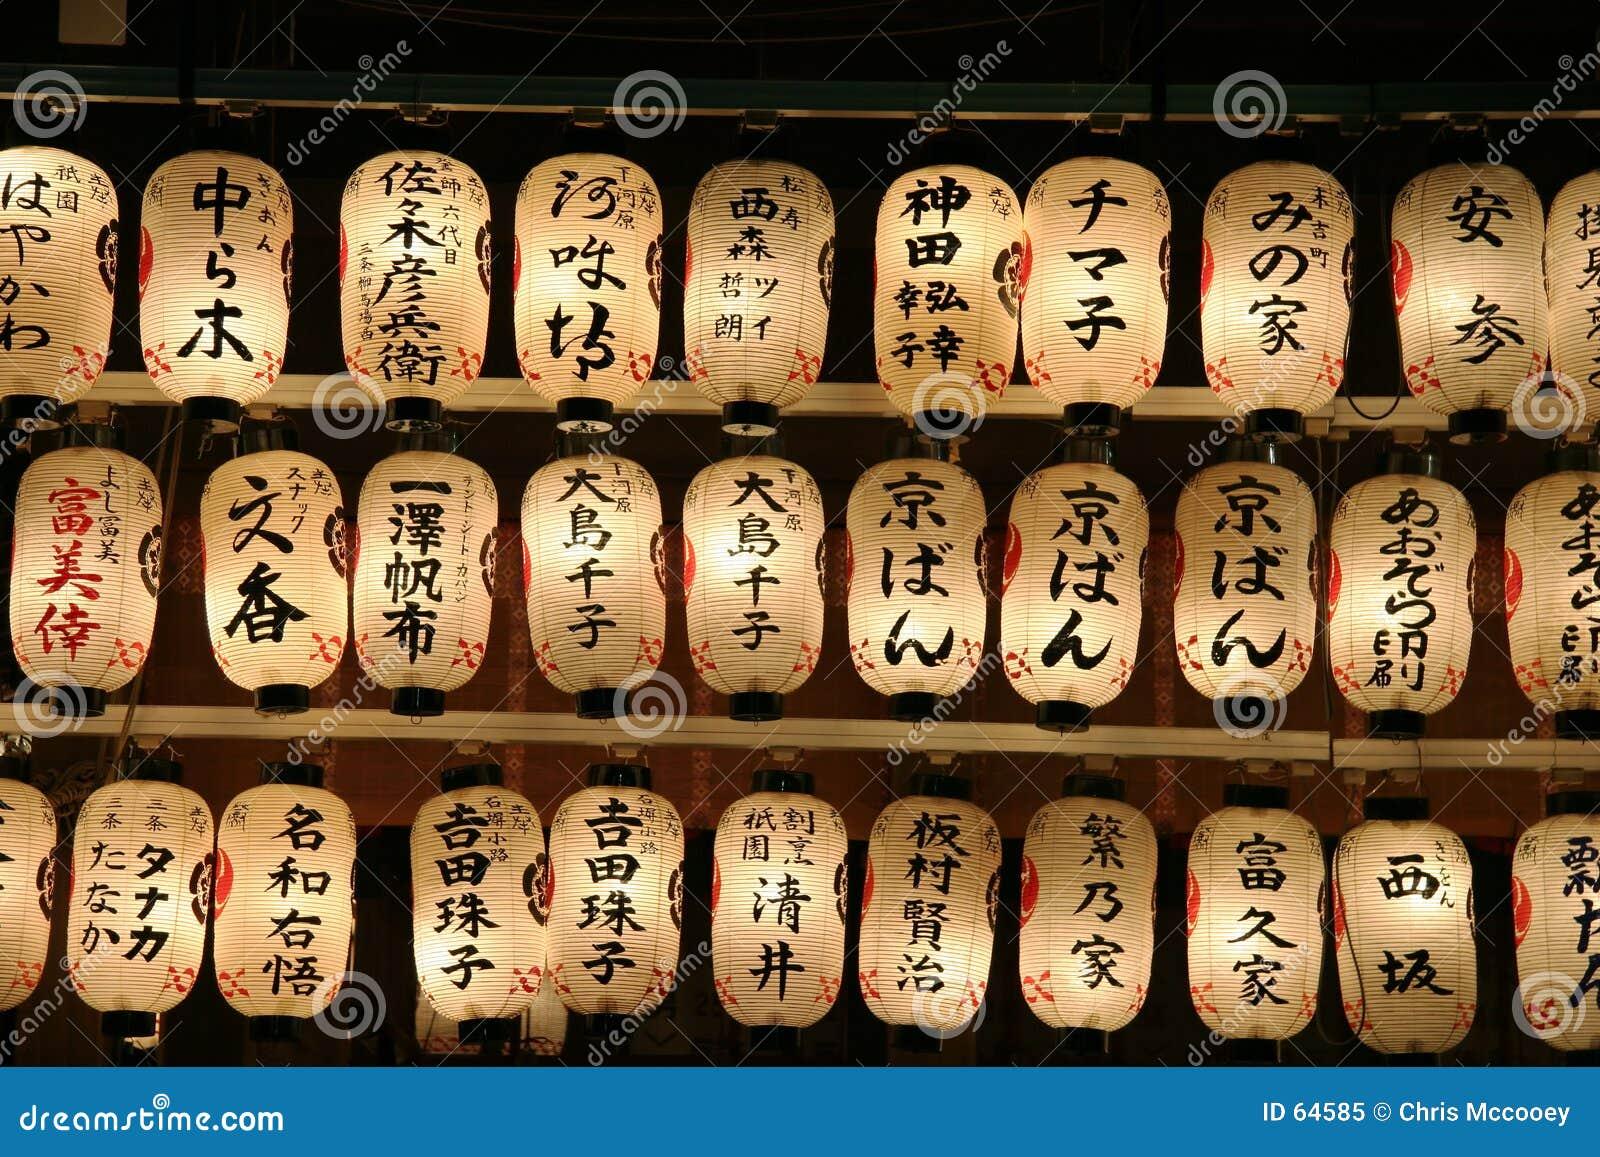 El kanji cubrió las linternas japonesas.